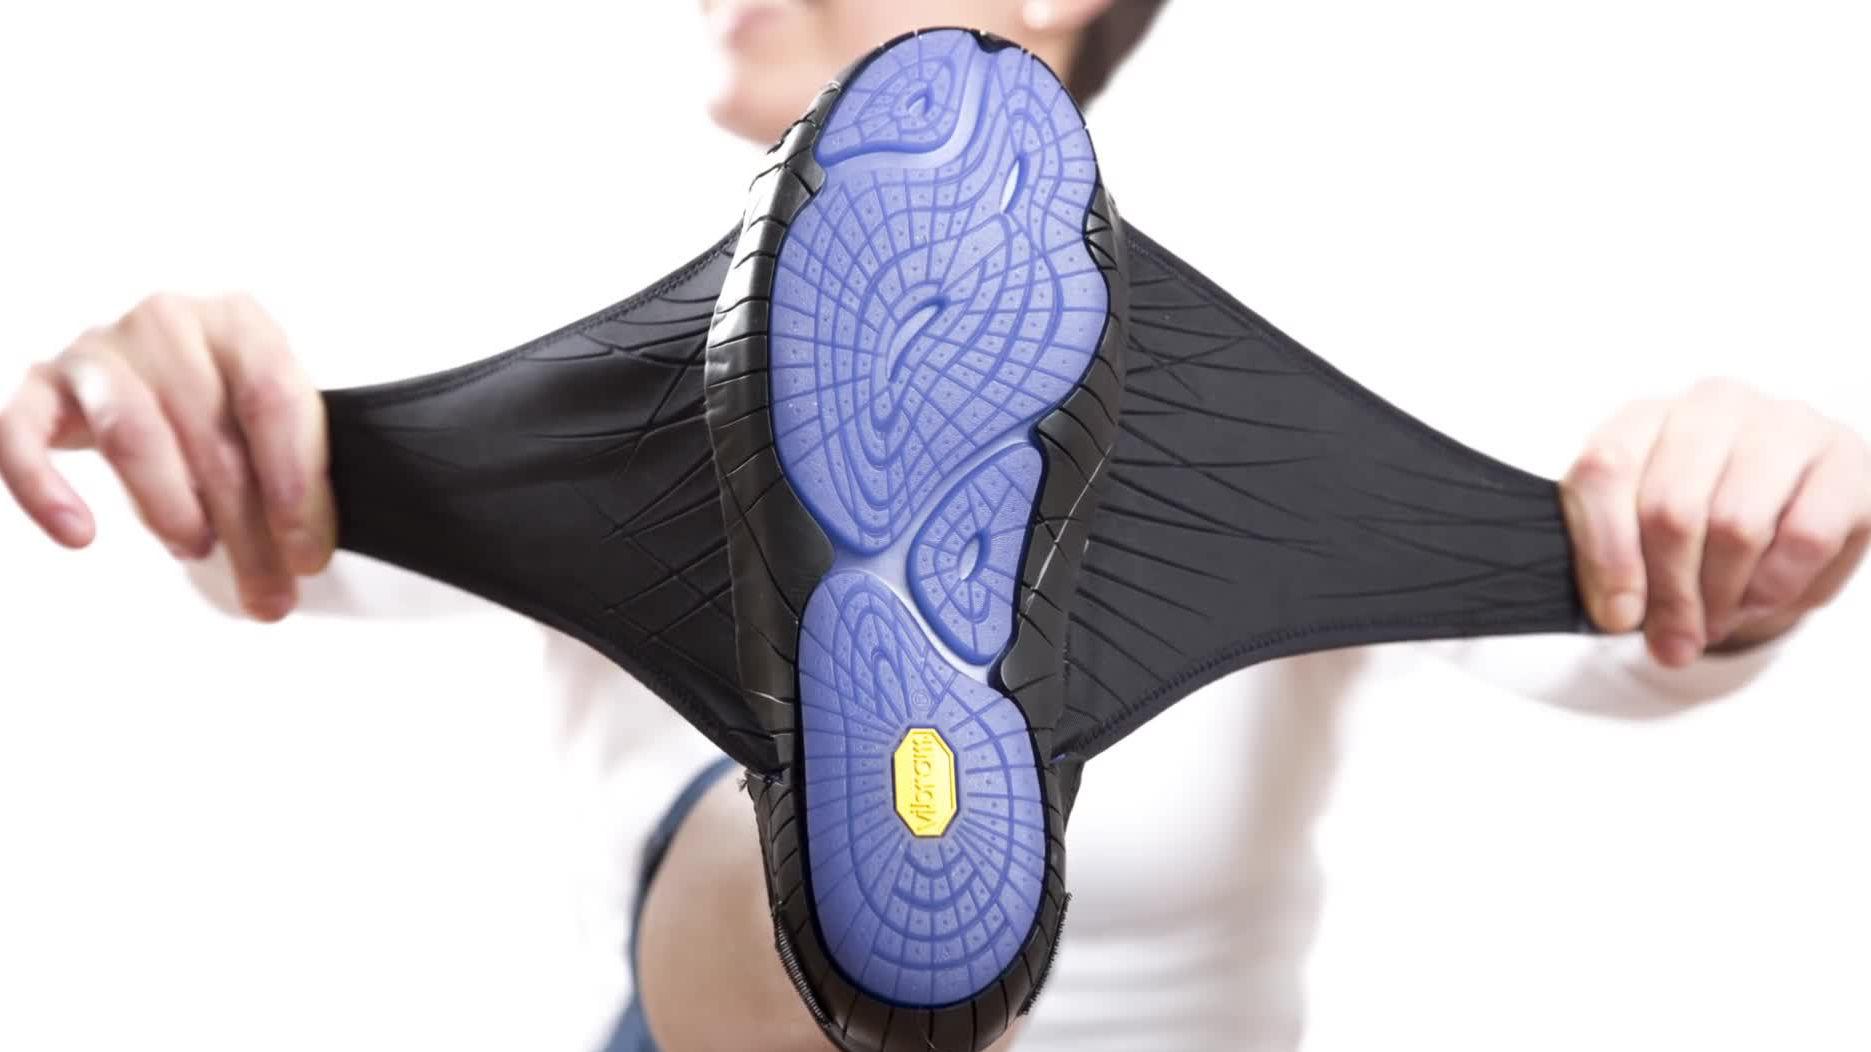 貼腳加防滑   Vibram Furoshiki 布包鞋行山必備